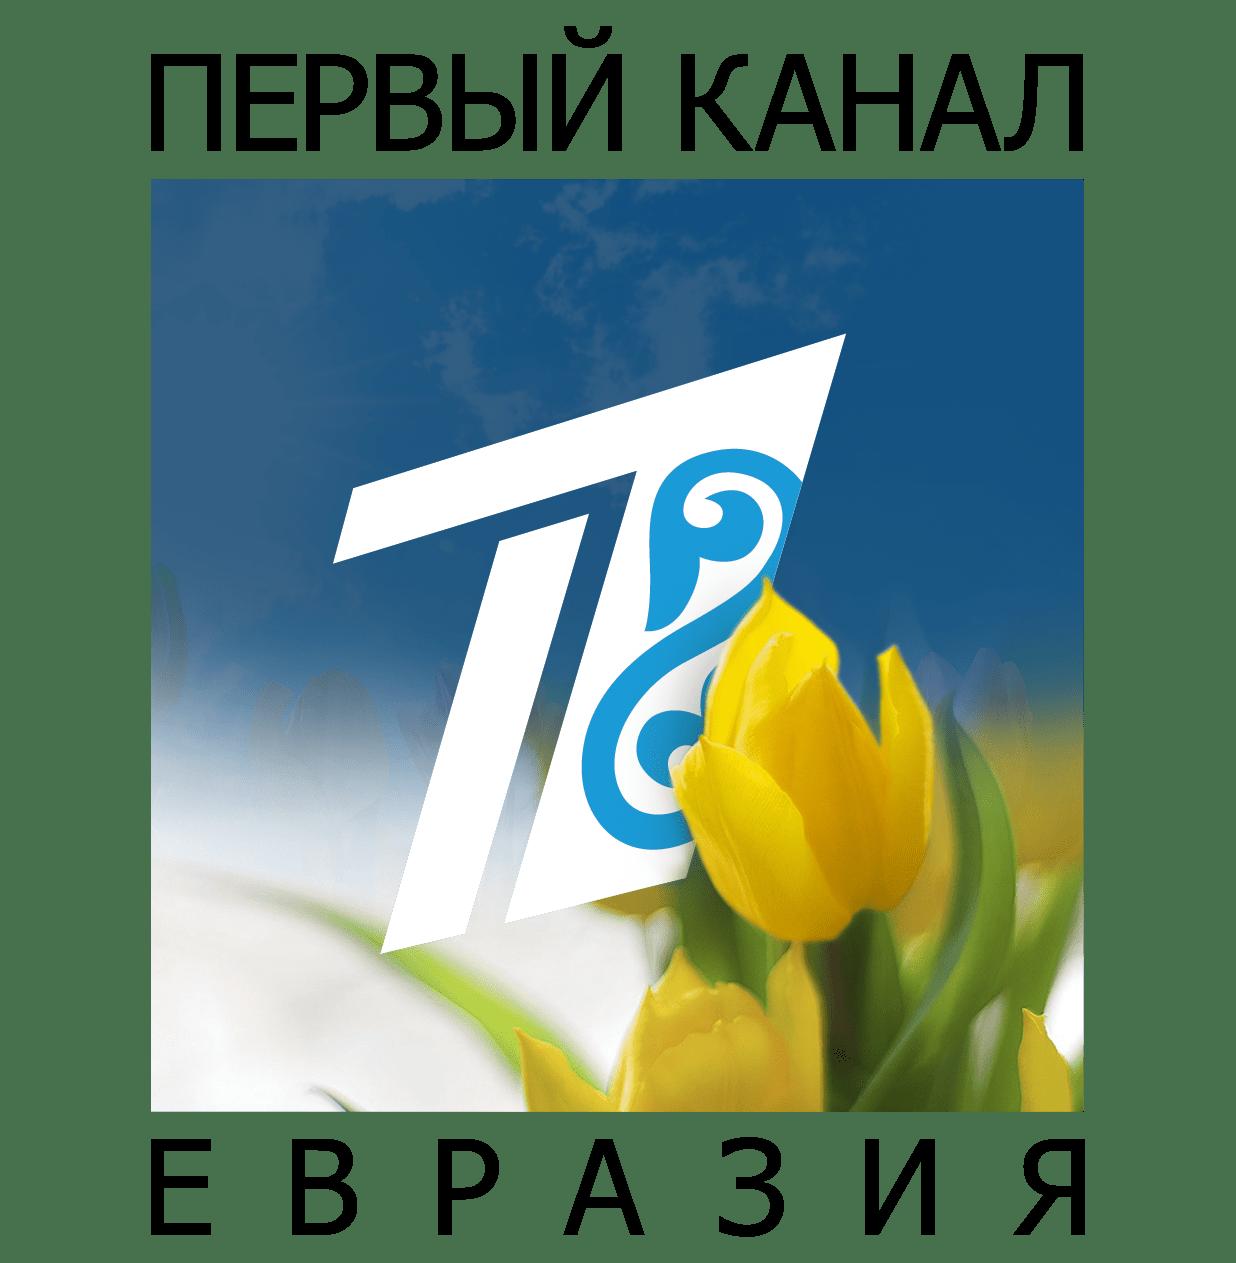 """Первый канал """"Евразия"""""""